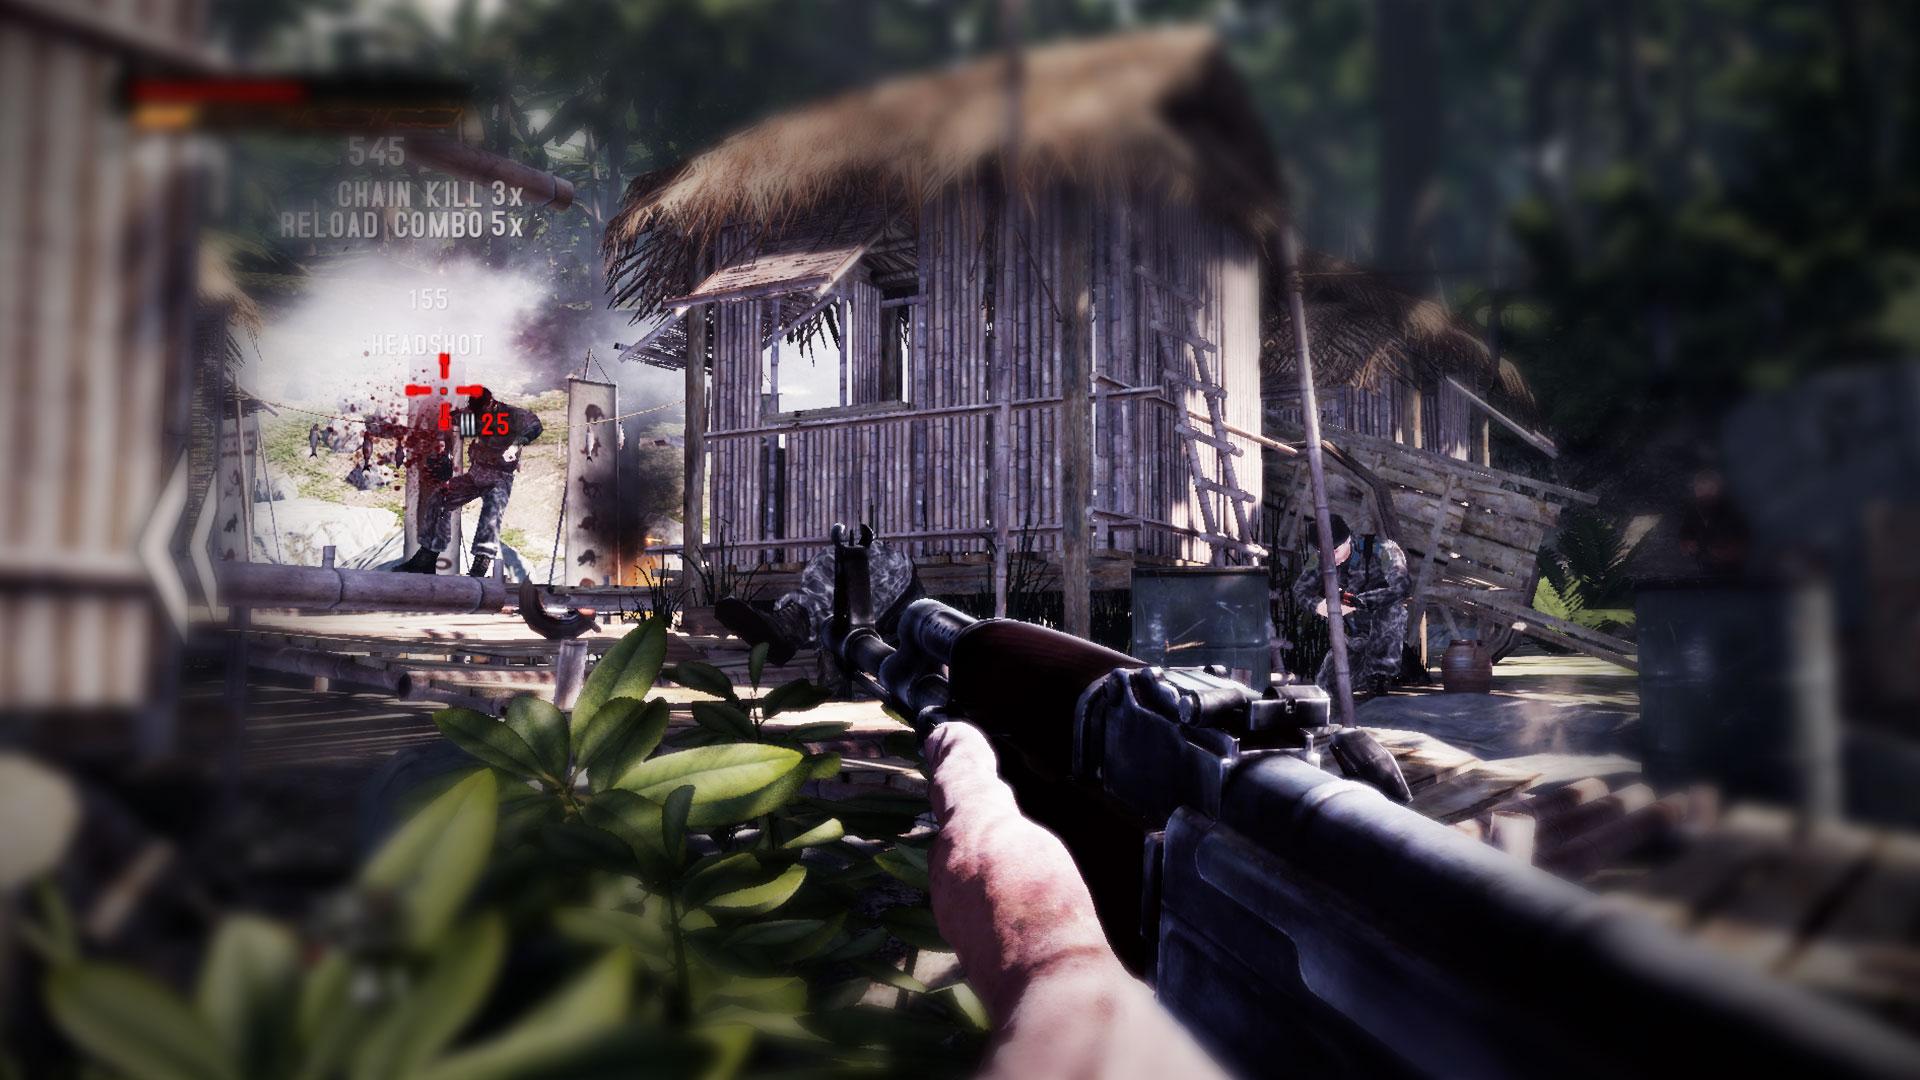 Rambo худшая геймизация фильма